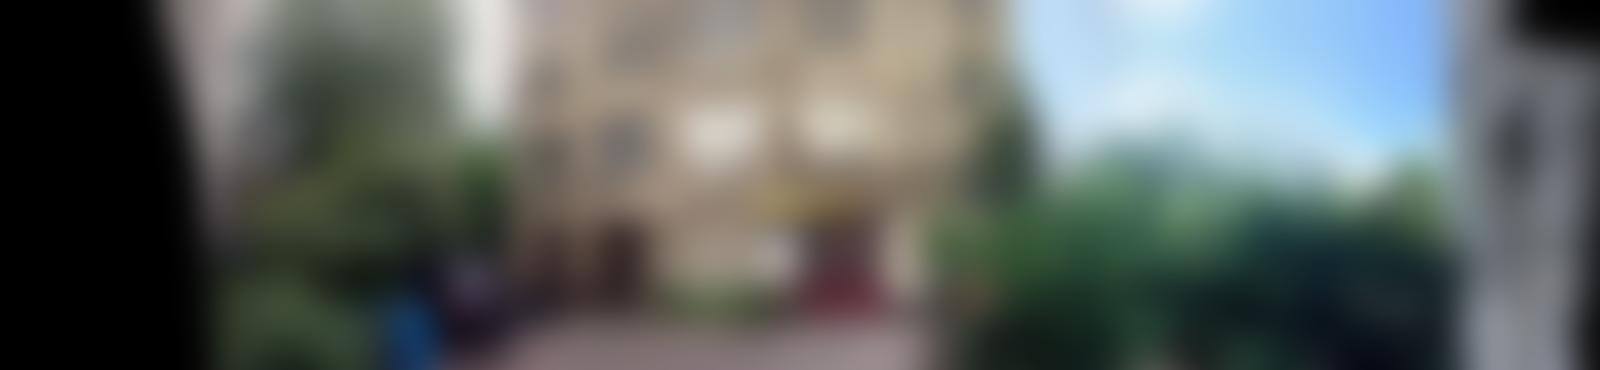 Blurred 44ab6d84 a45e 49bf a910 ae800cc421a3